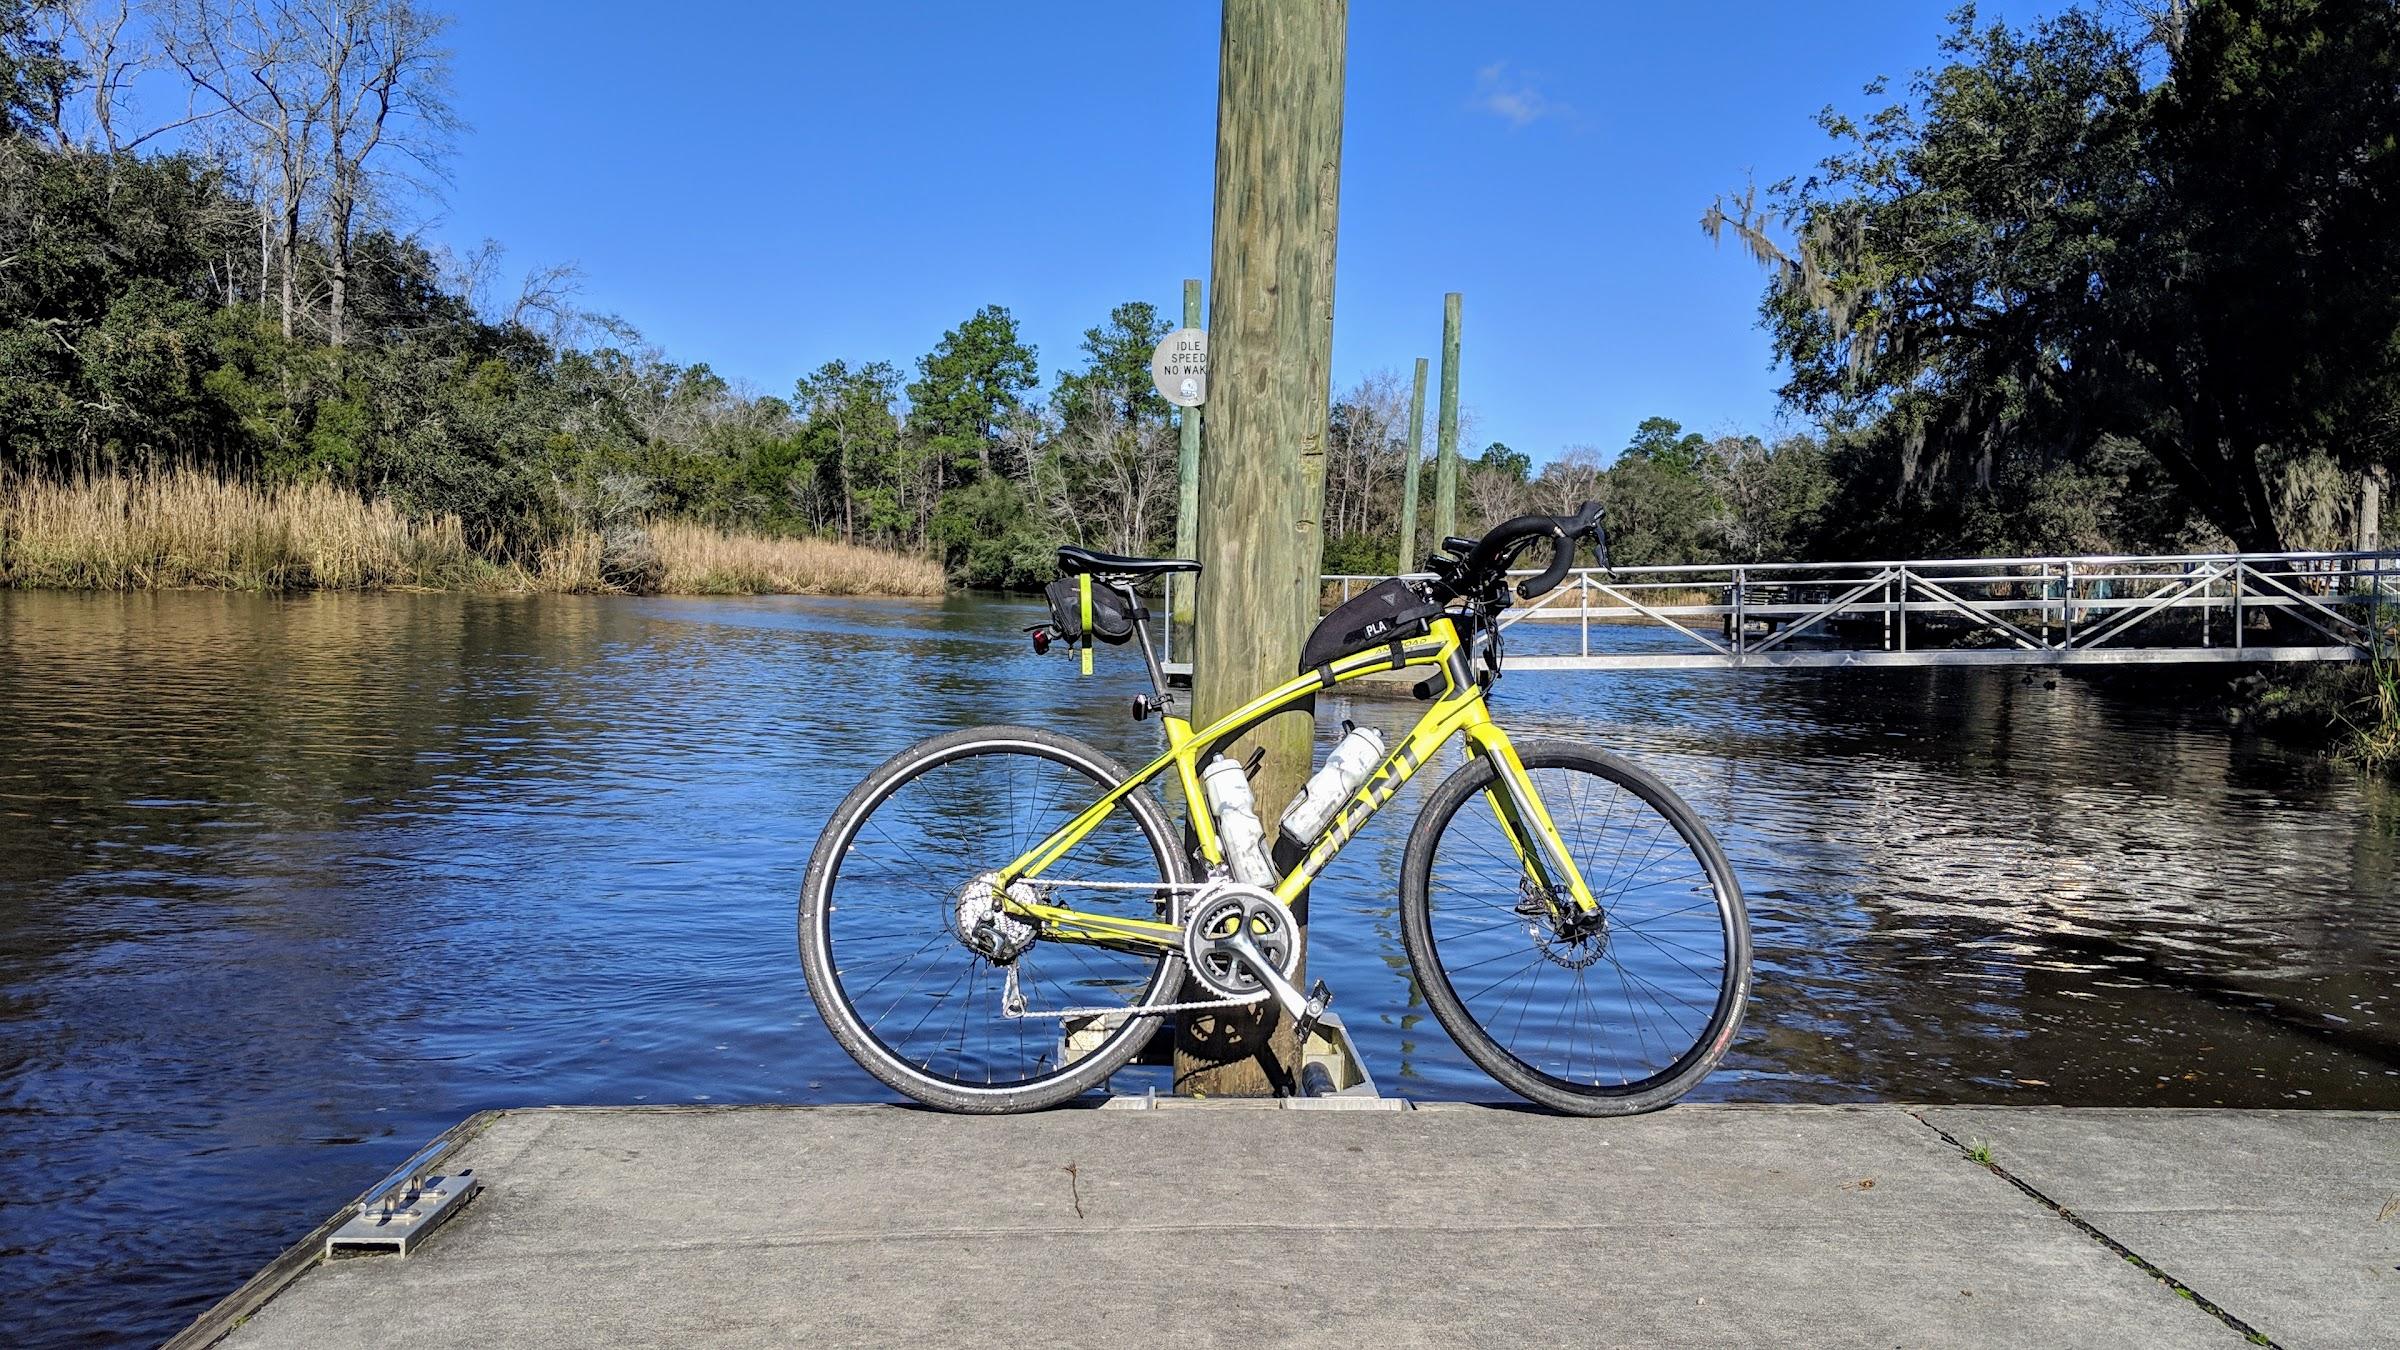 Bicycle Herbert H Jessen Public Boat Landing